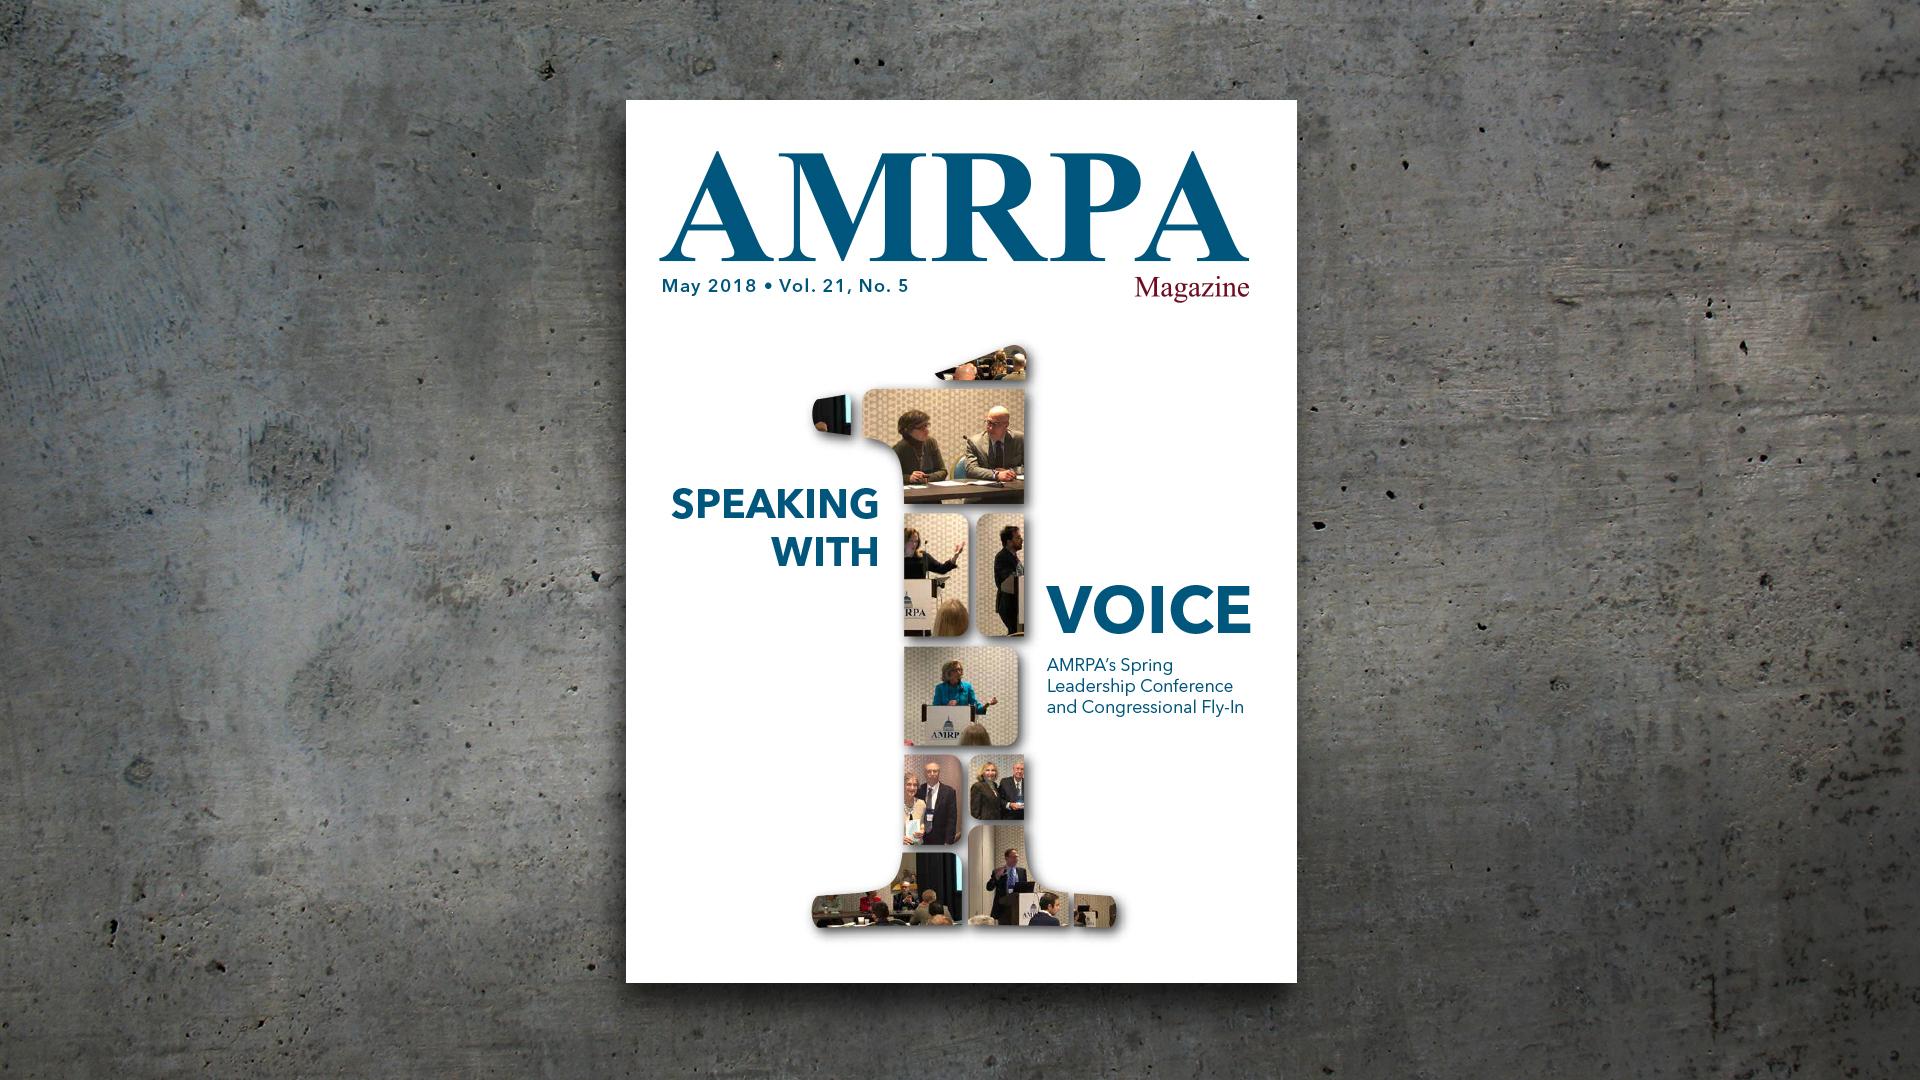 Magazine Layout – AMRPA Magazine